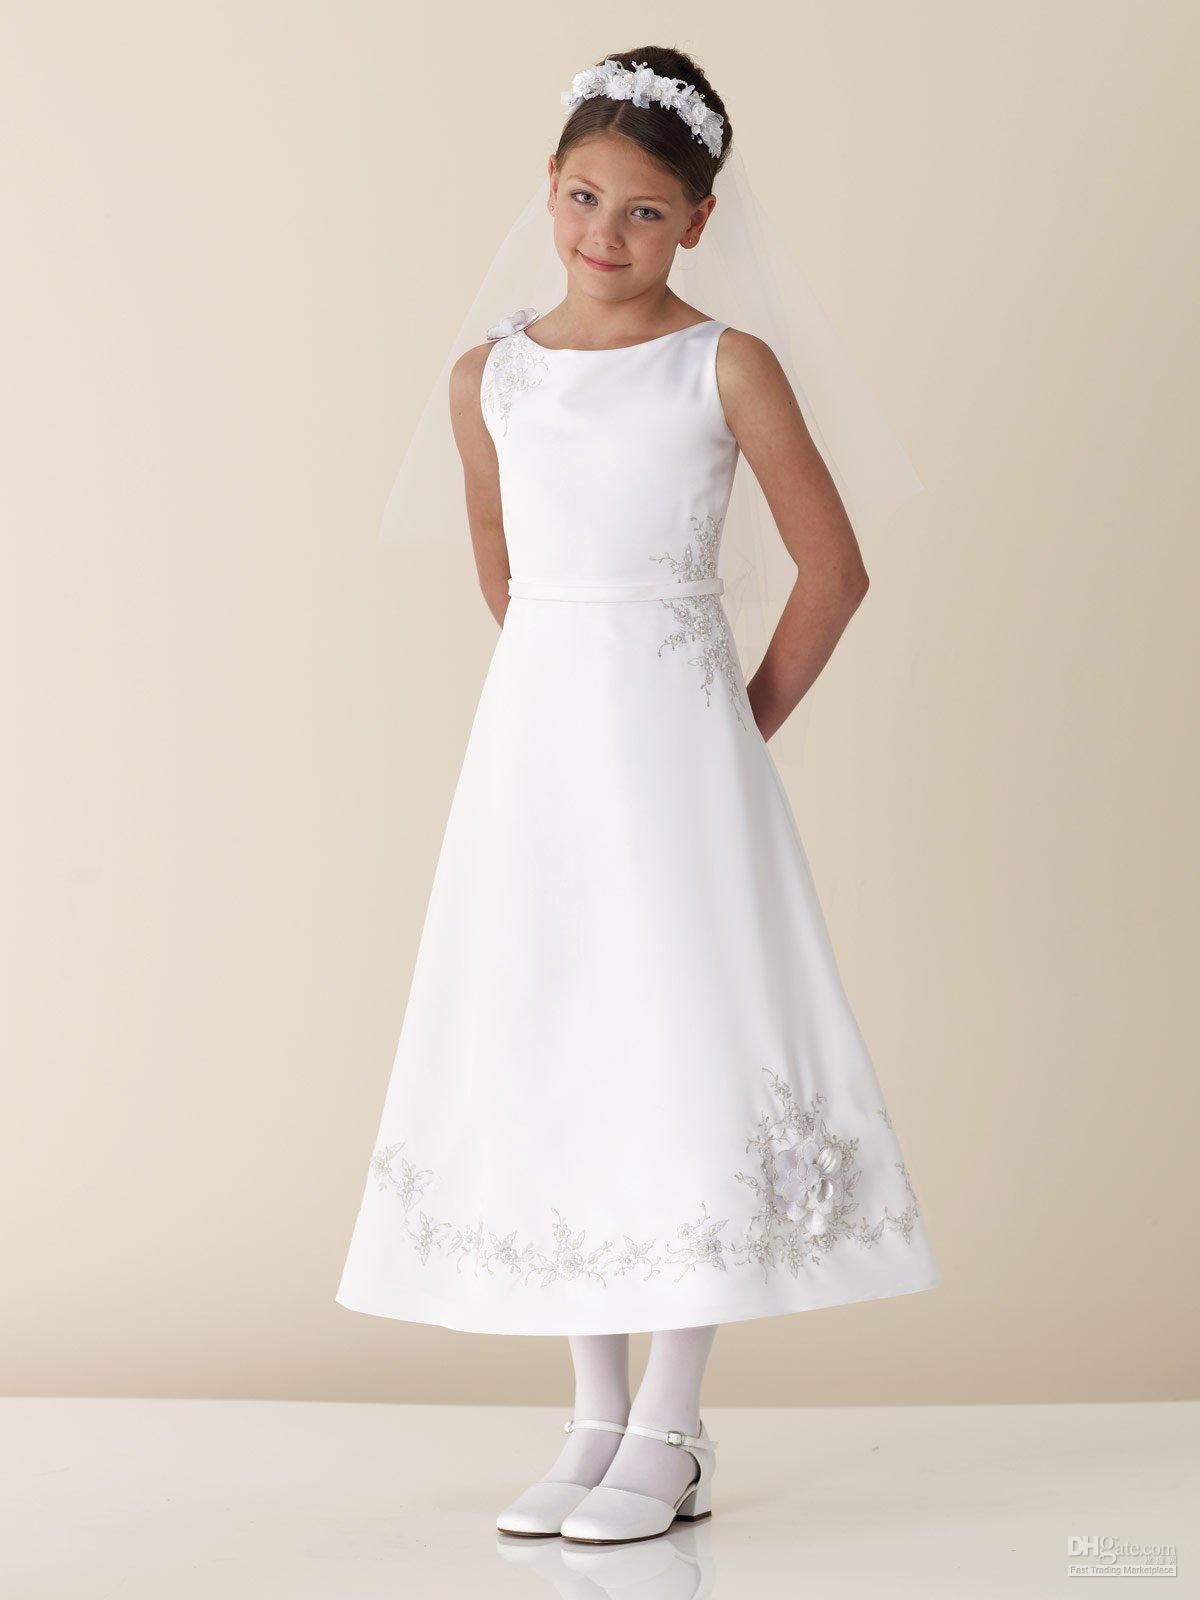 Cheap dressy dresses for juniors girls